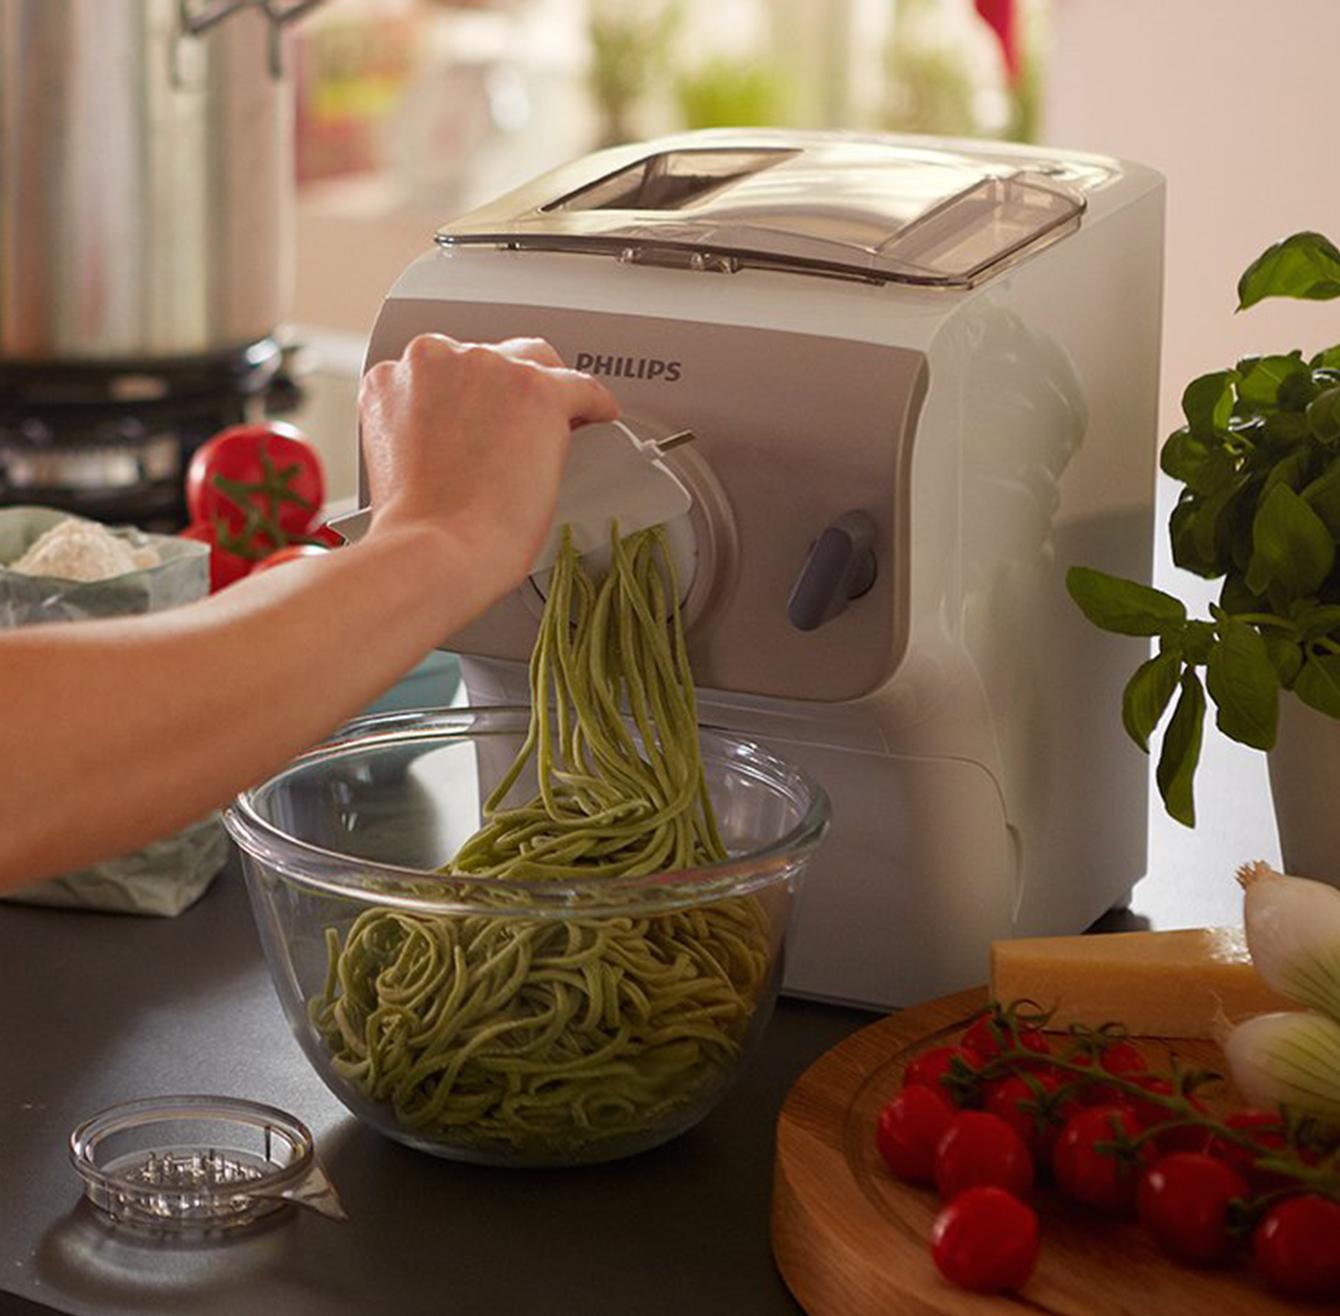 Idee regalo per un amante della cucina – Disegni di Natale 2019